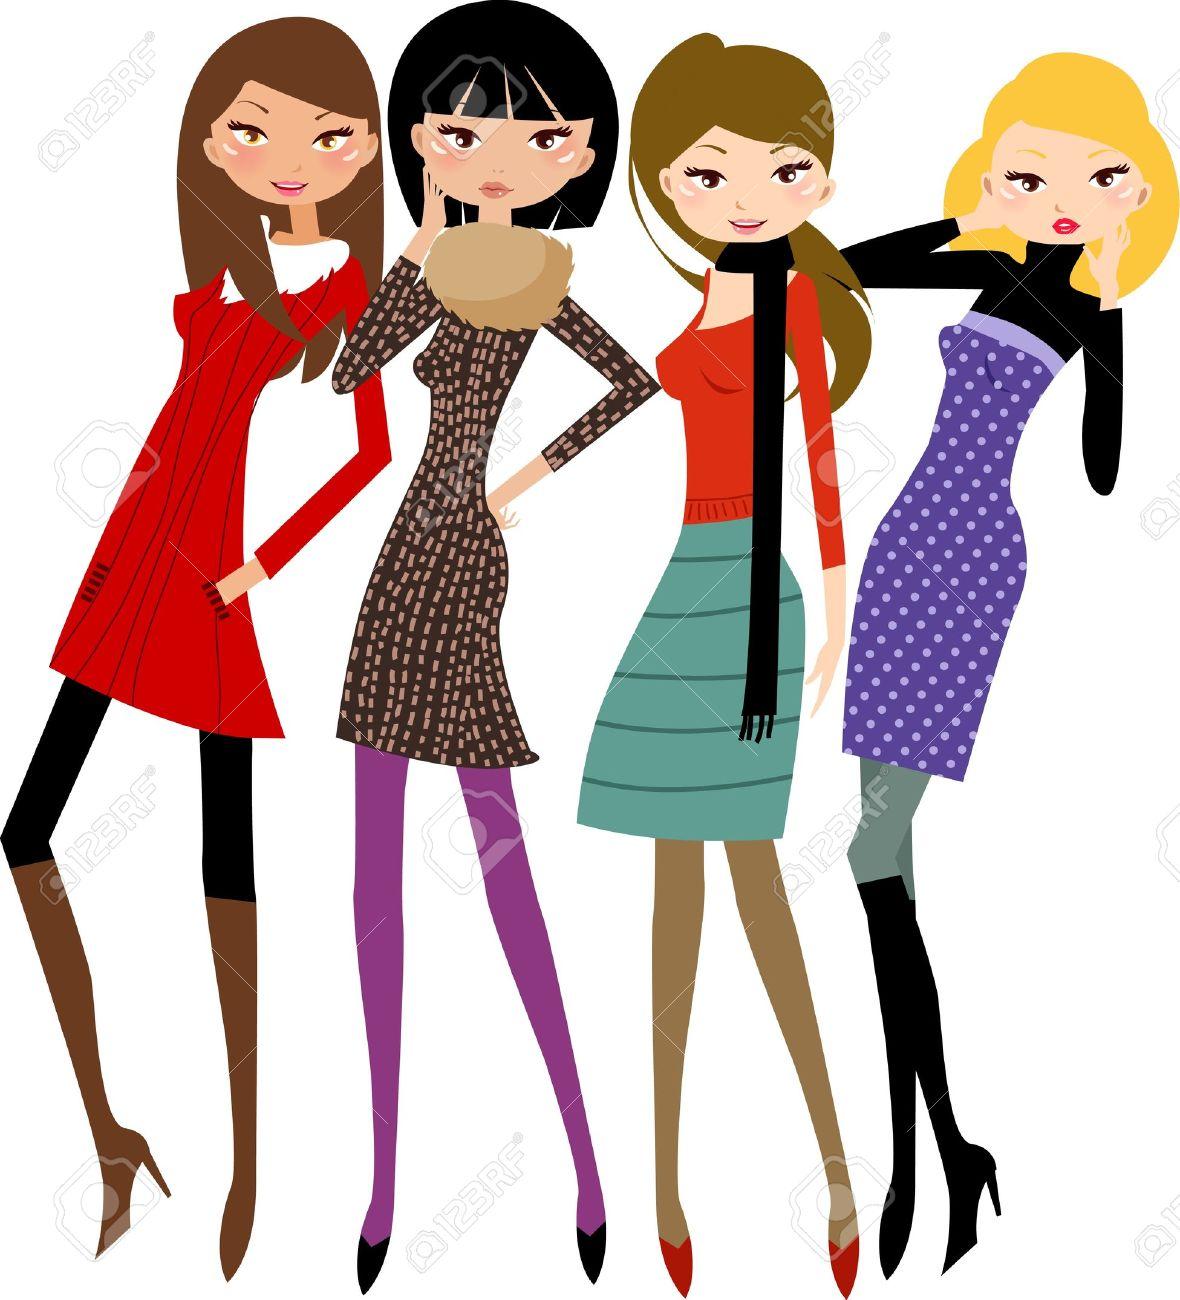 Female Friends Clipart.